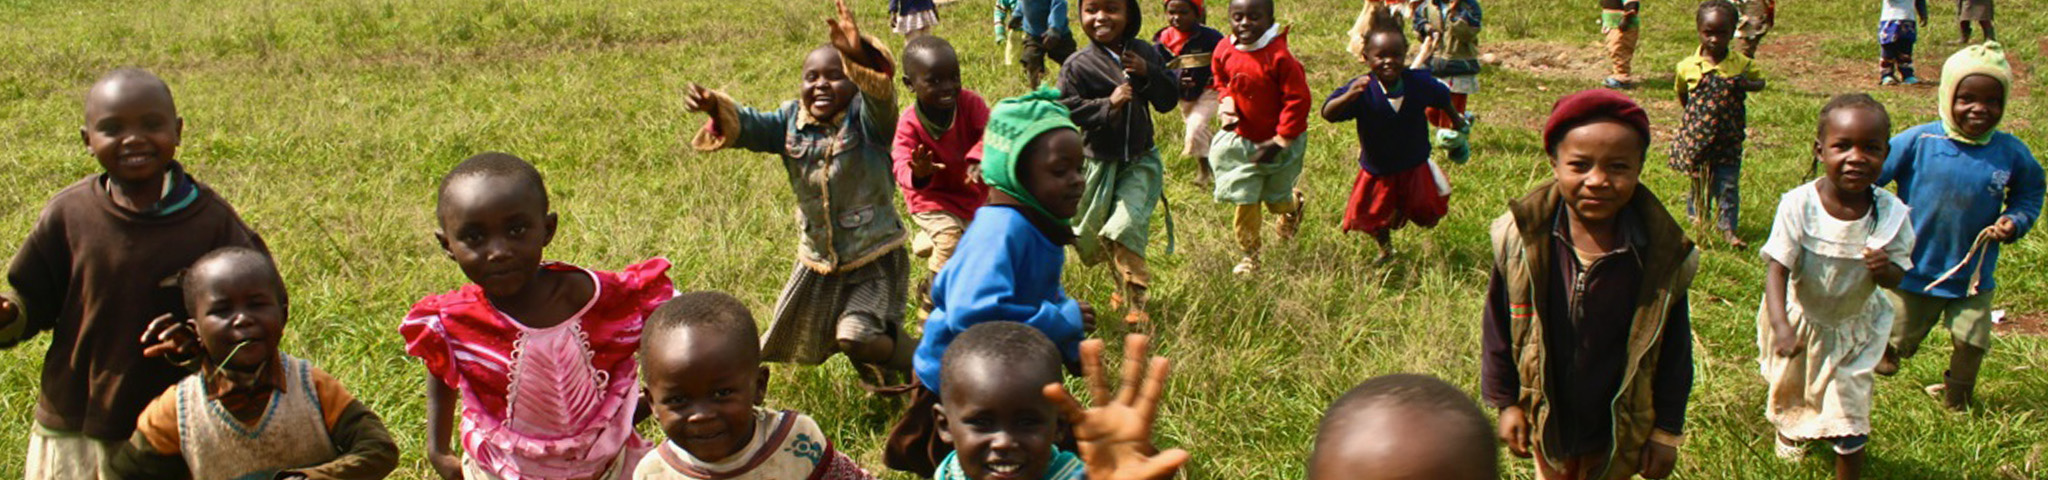 Fondazione Happy Child - Studio e ricerca a favore della donna e la famiglia all'estero